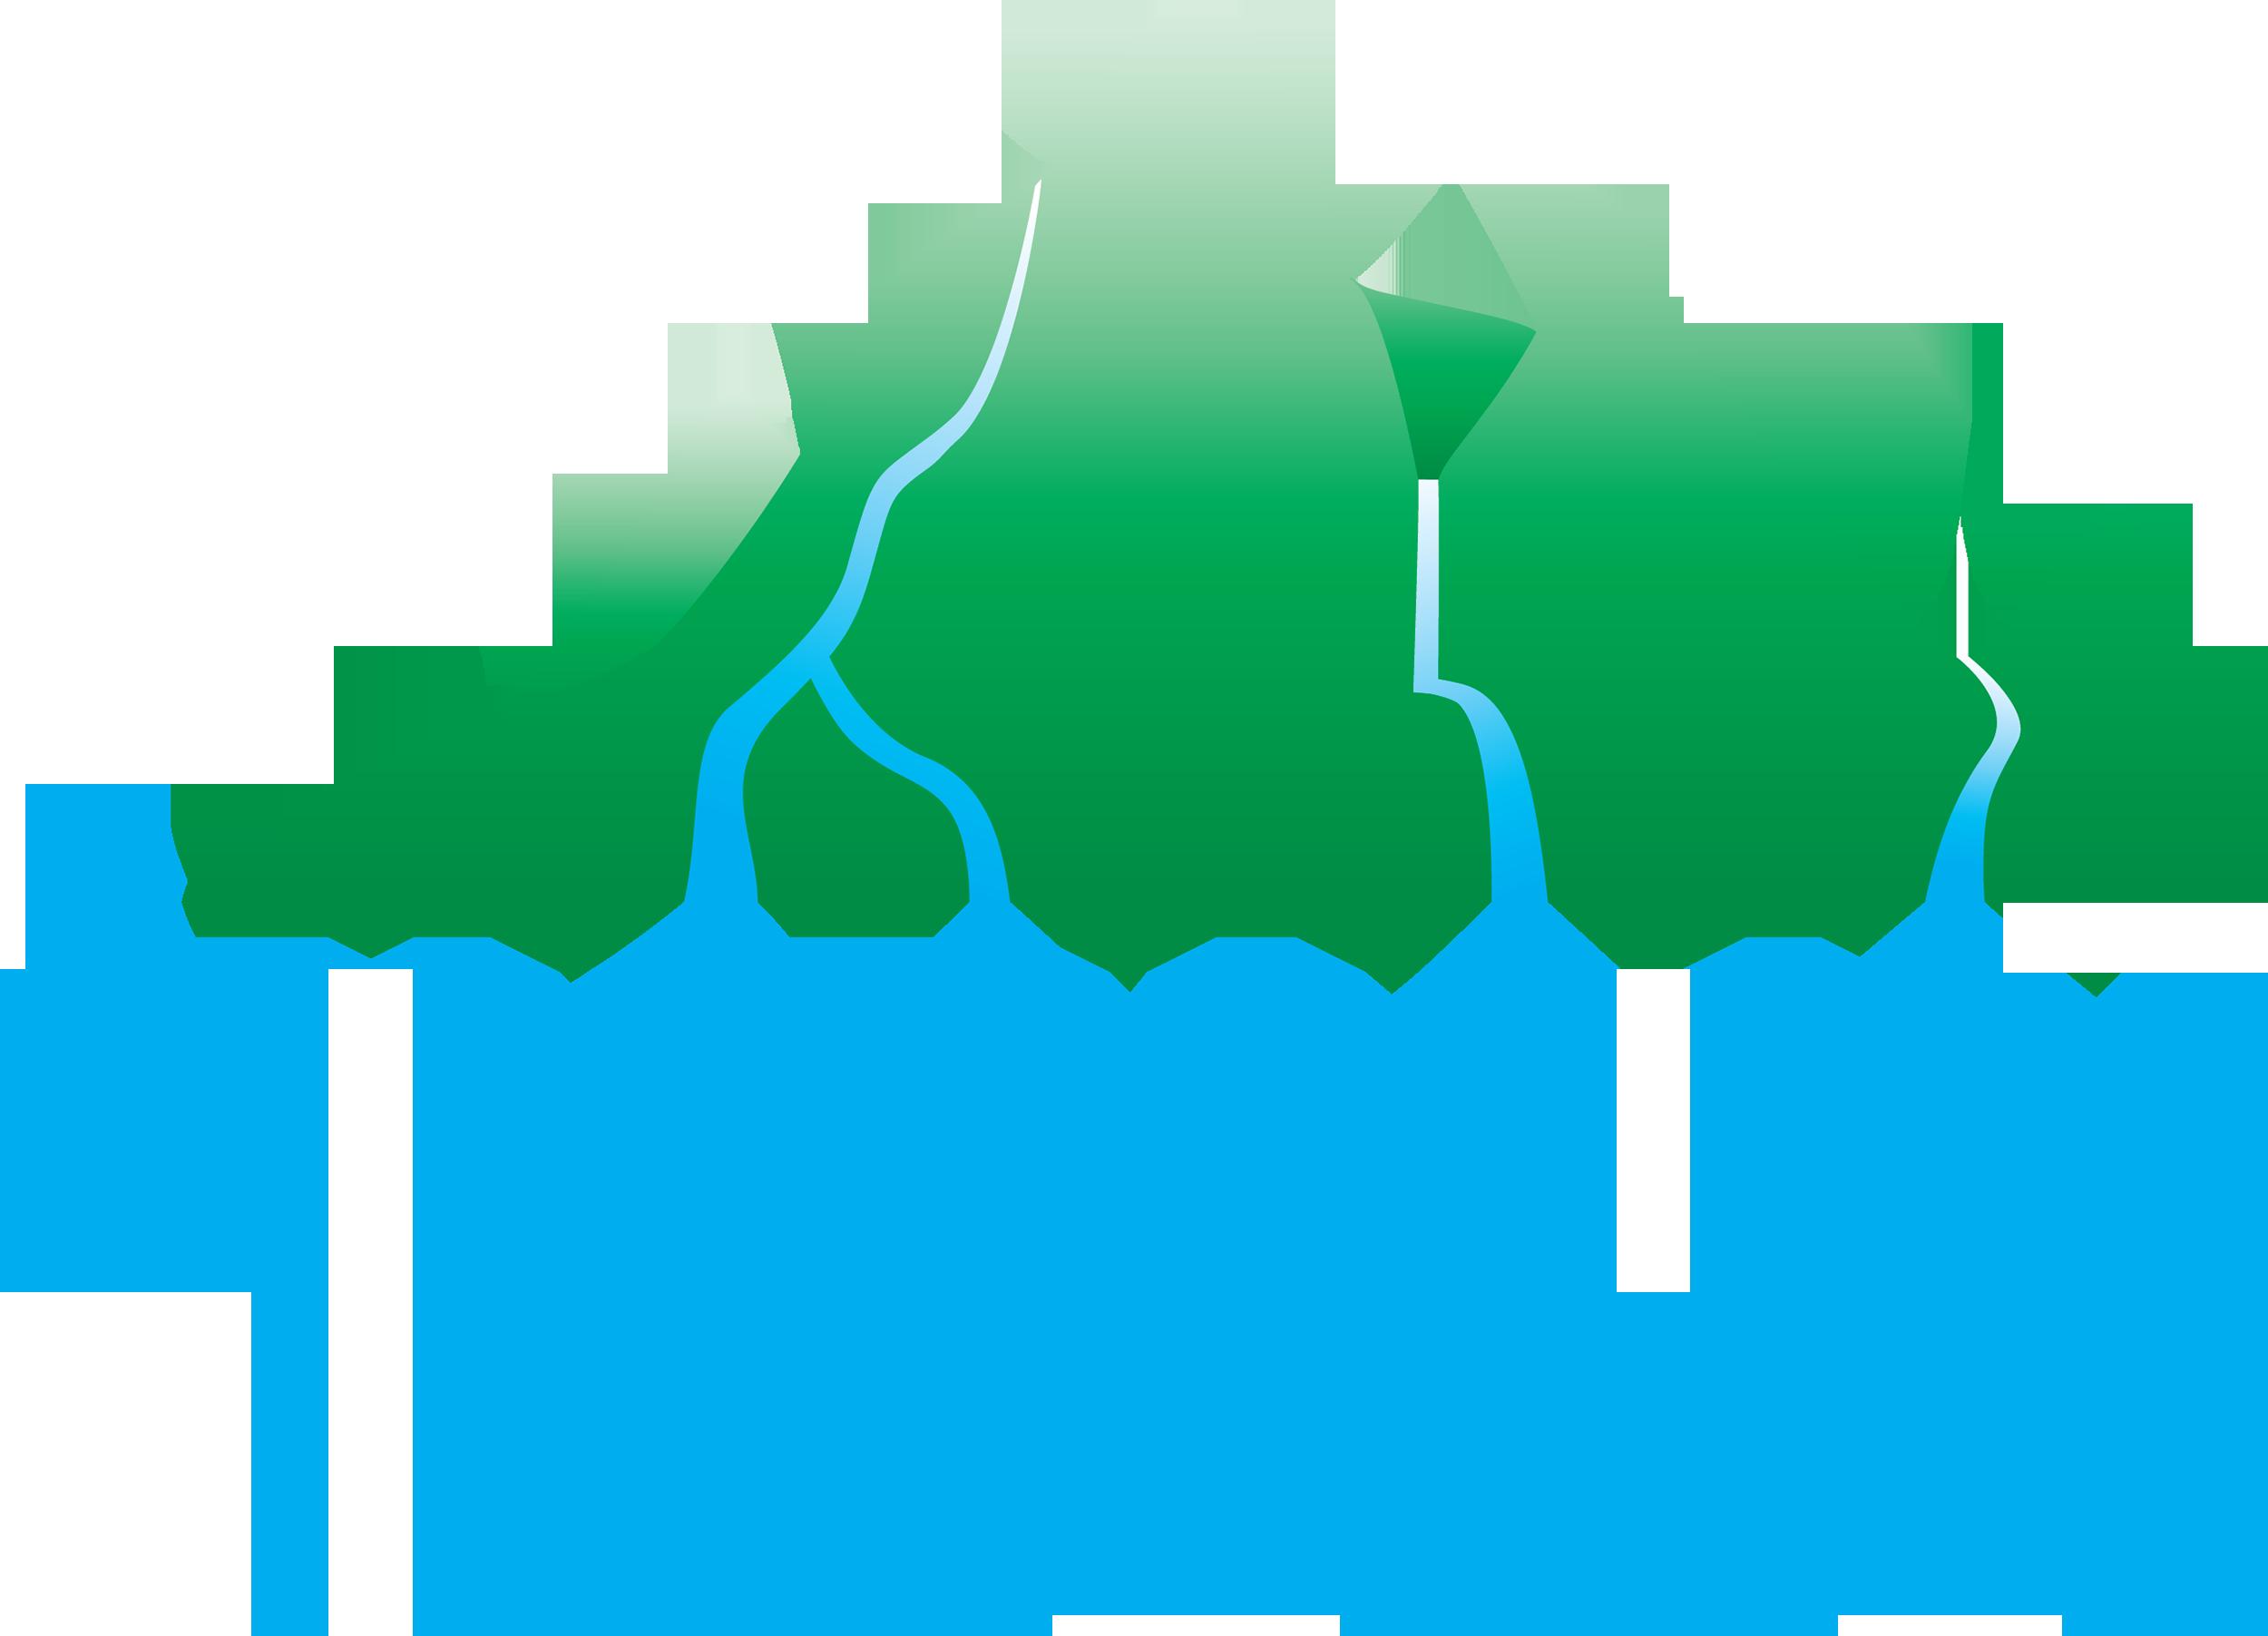 'Ike Wai logo